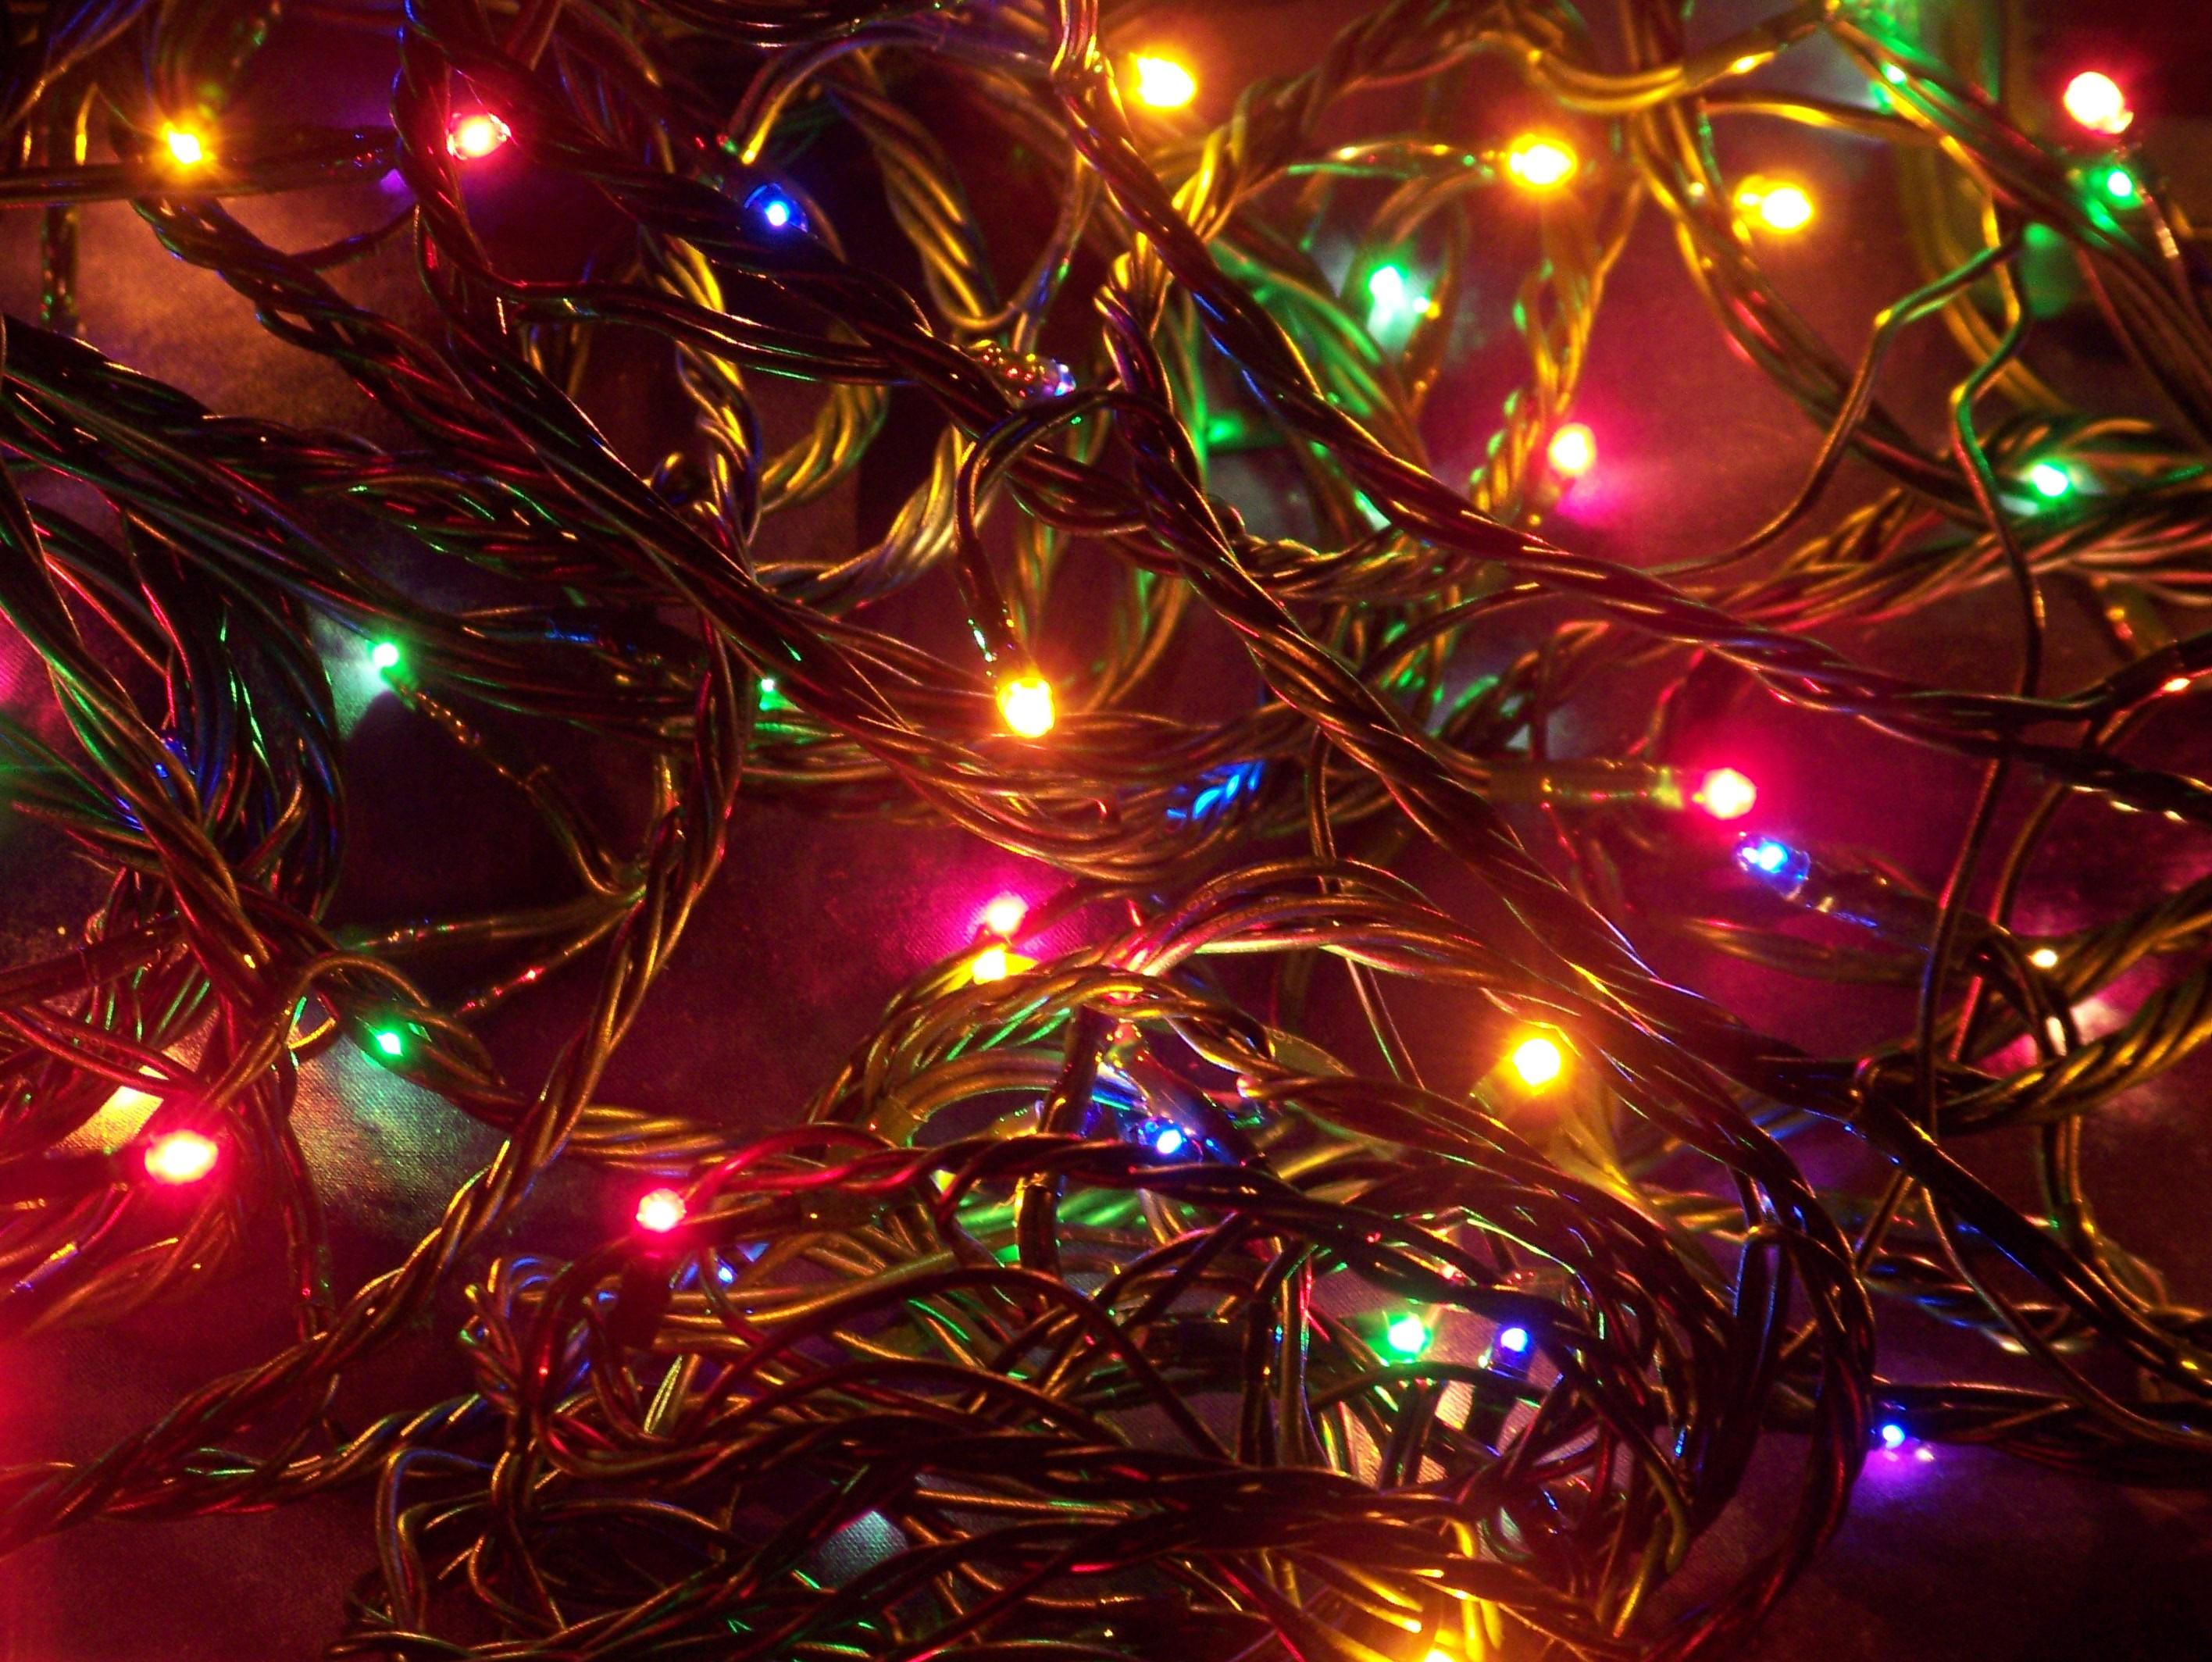 Lights Desktop Background (60+ pictures)